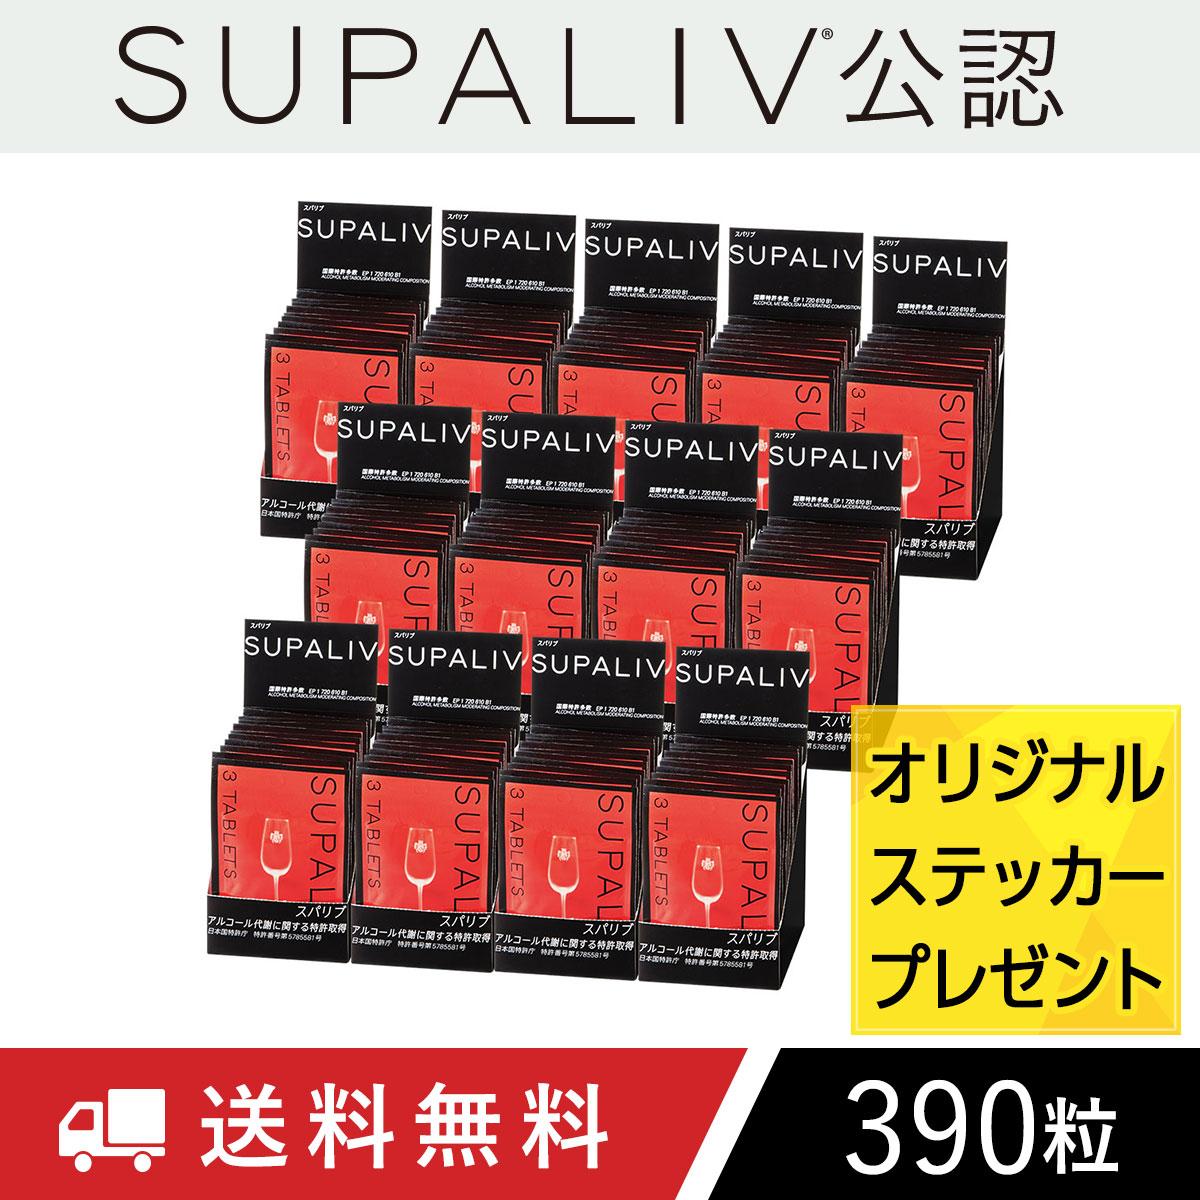 【数量限定】スパリブ(SUPALIV) 3粒入130袋